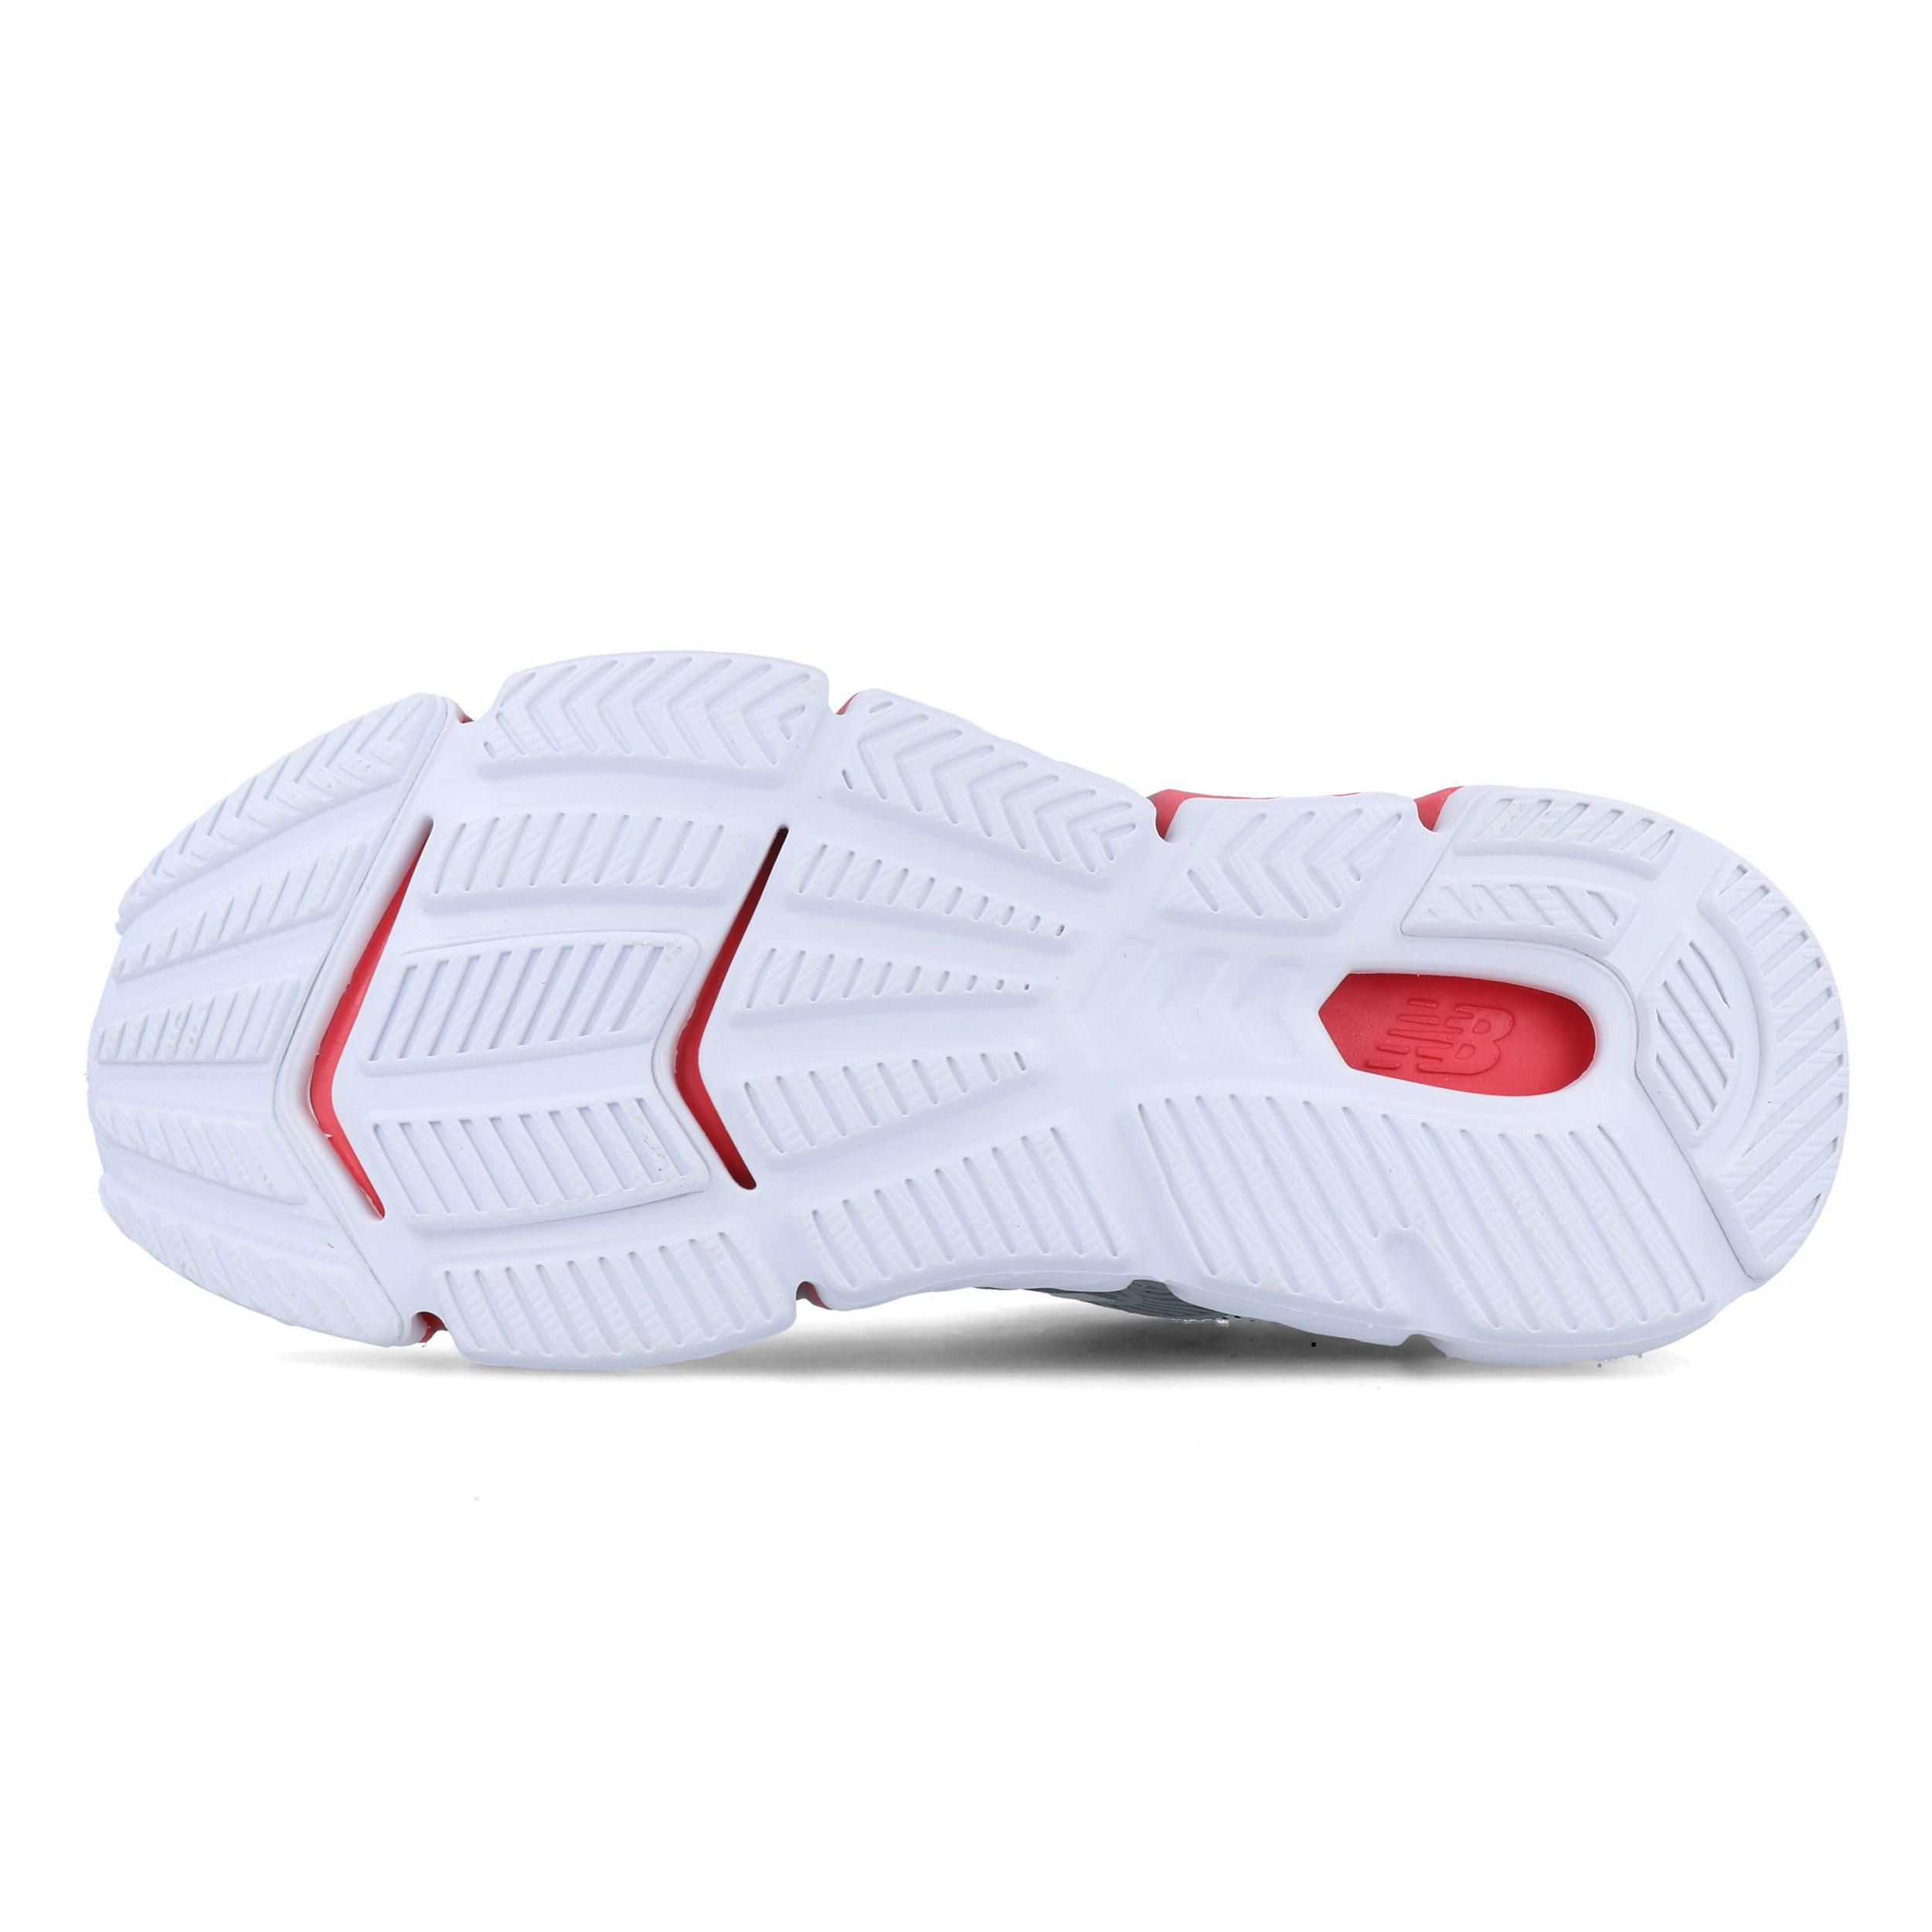 Détails sur New Balance Femmes Rubix Chaussures De Course À Pied Baskets Sport Sneakers